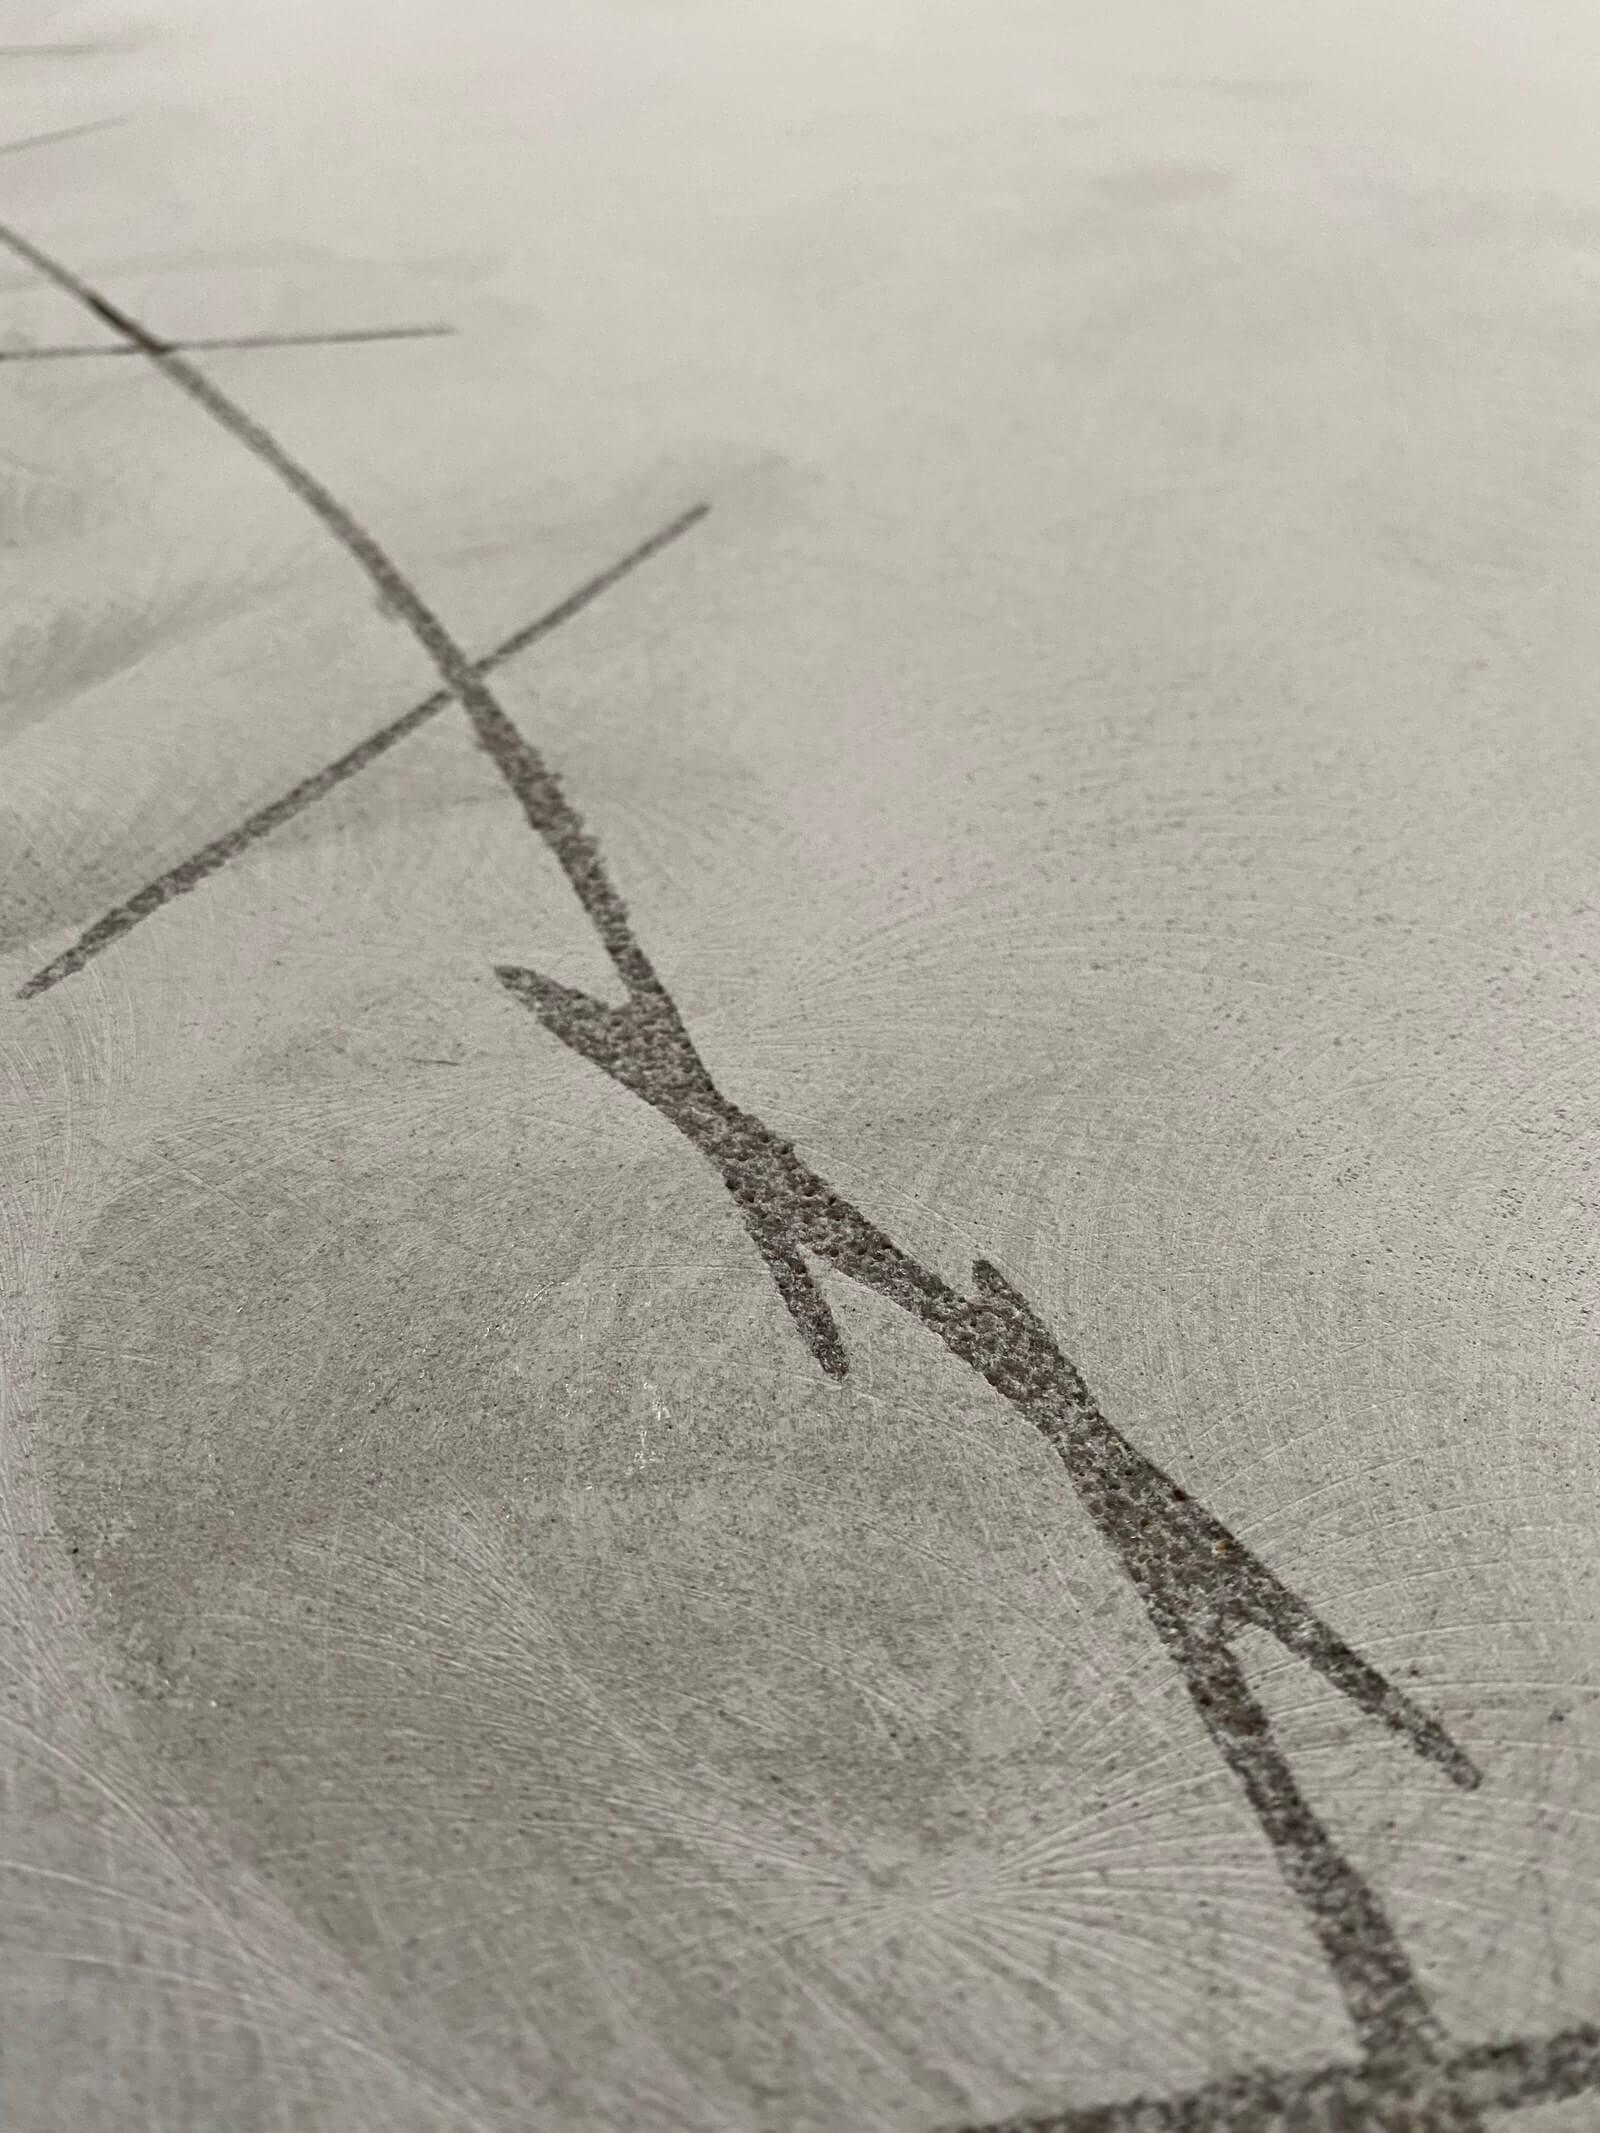 naprawa peknietej posadzki szczecin 4 - Naprawa pęknięć posadzki (zszywanie)